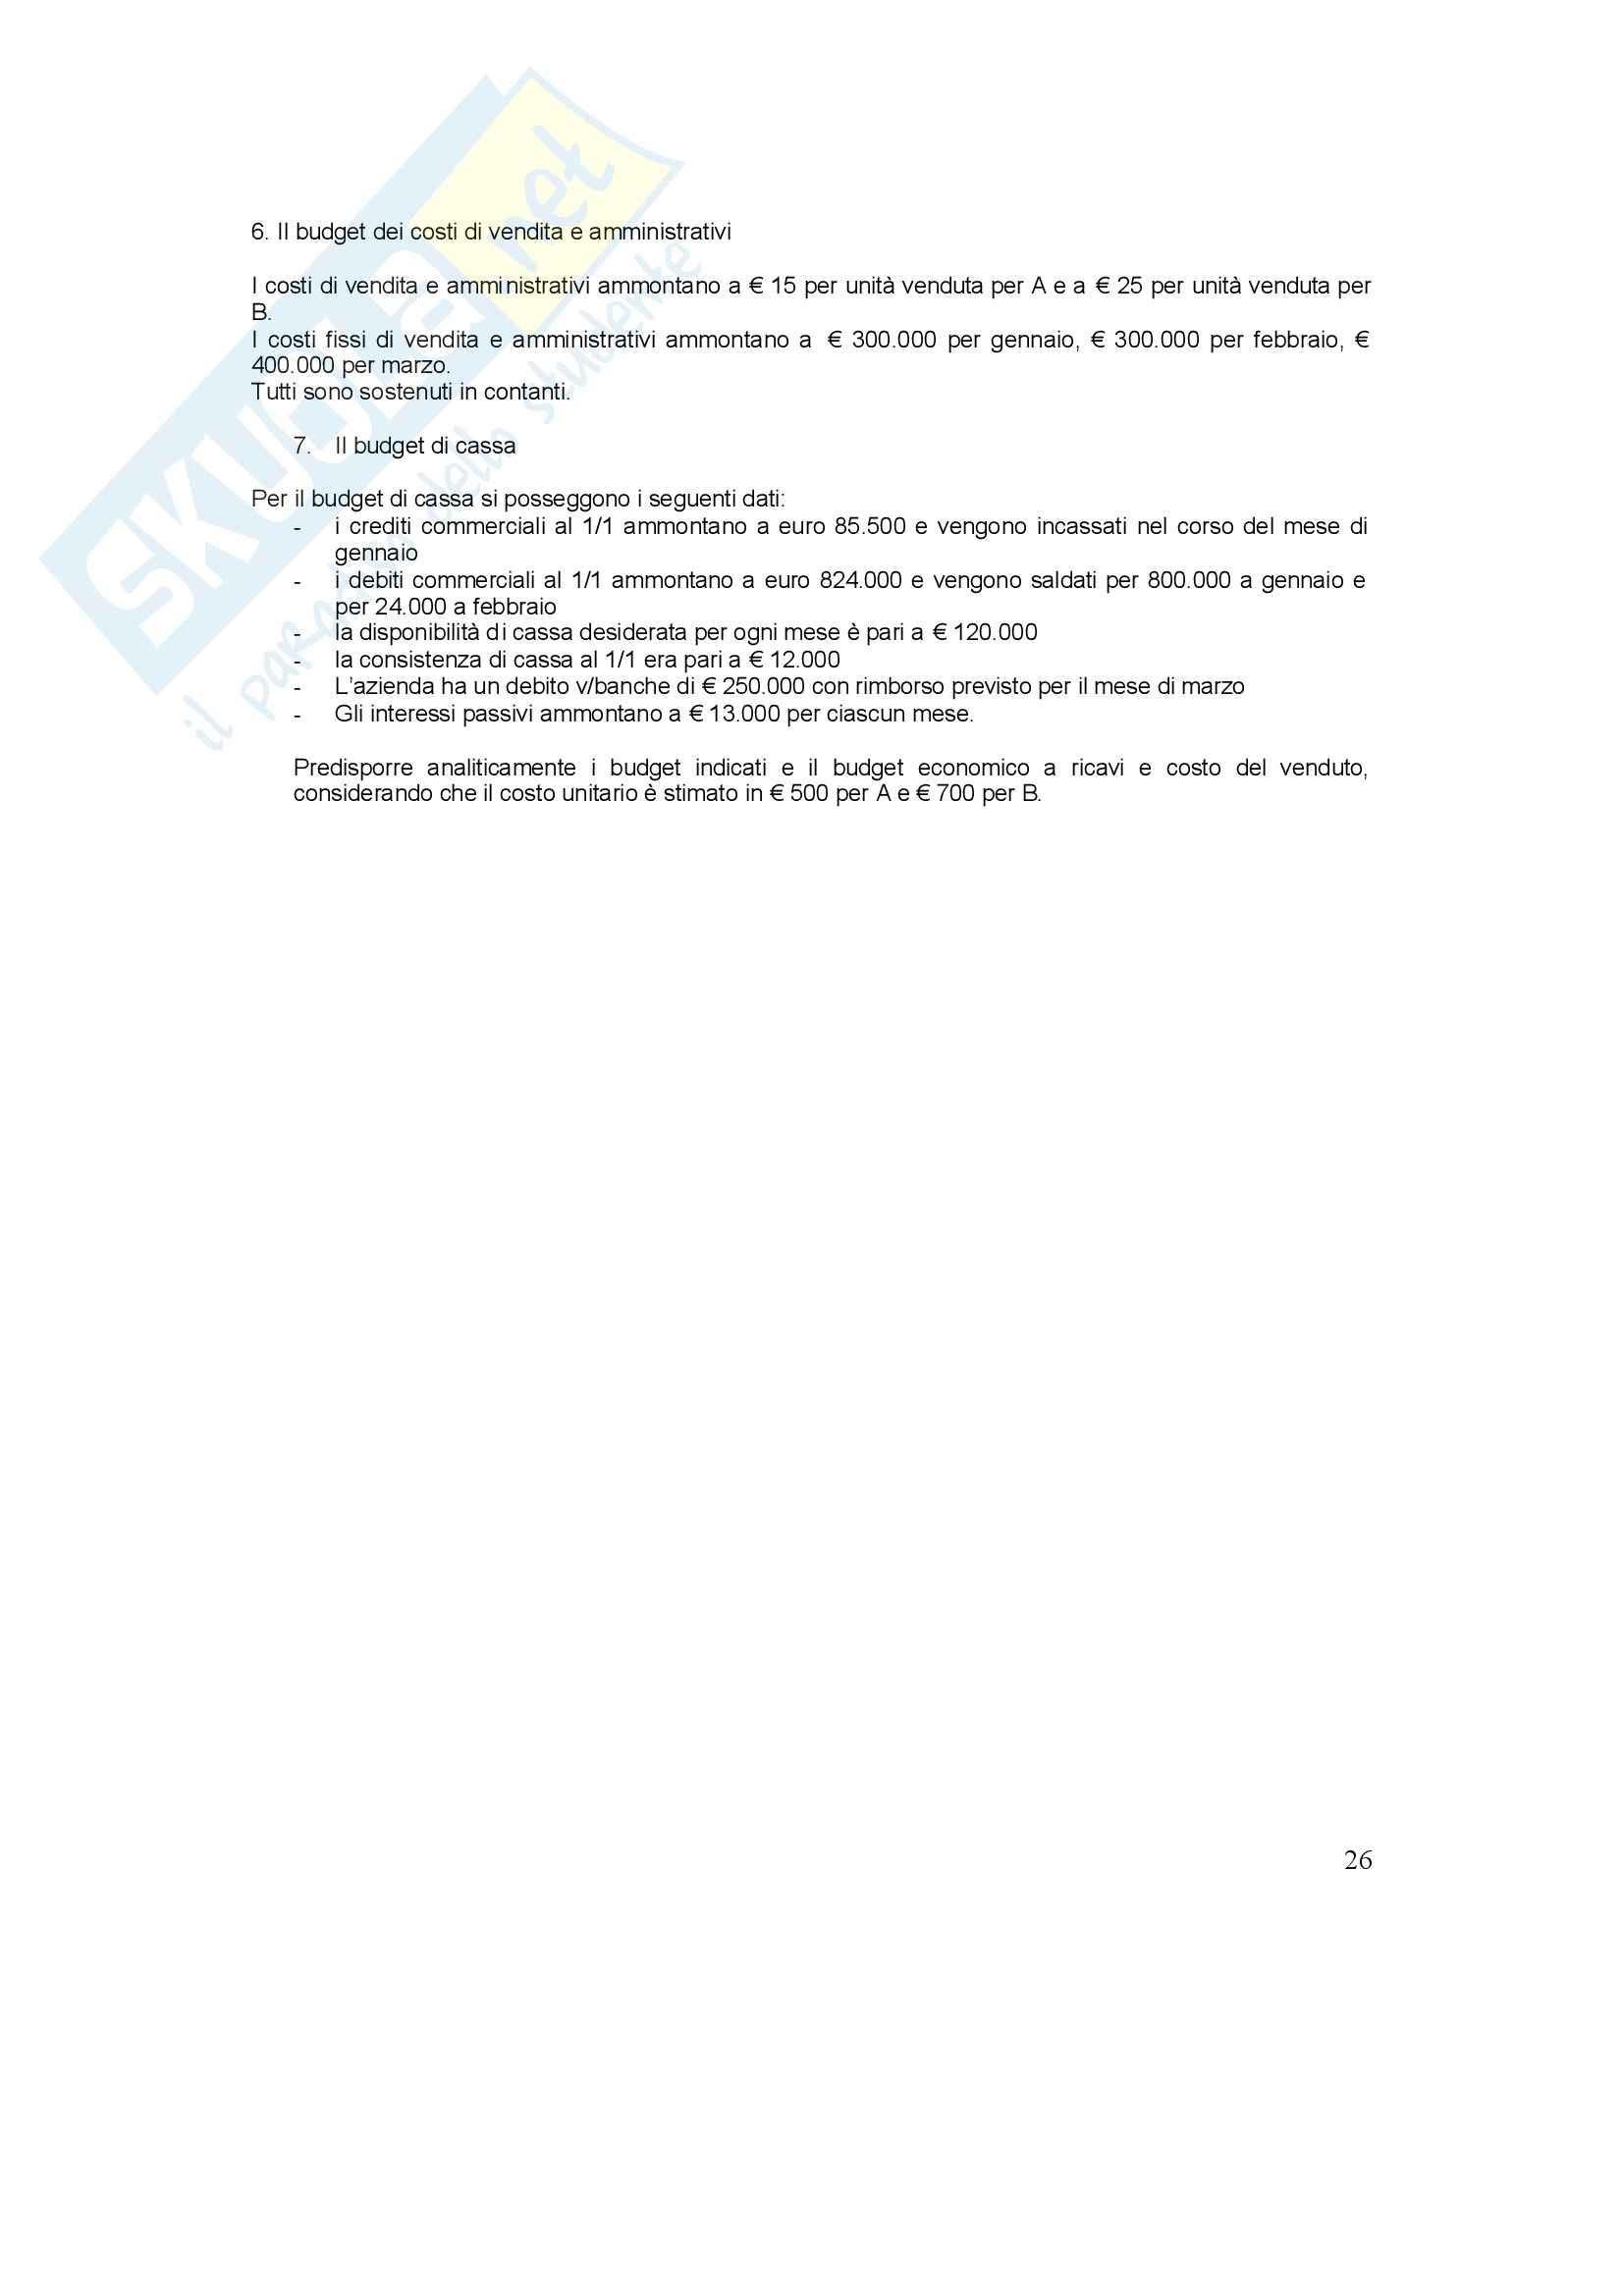 Conto economico - Esercizi Pag. 26